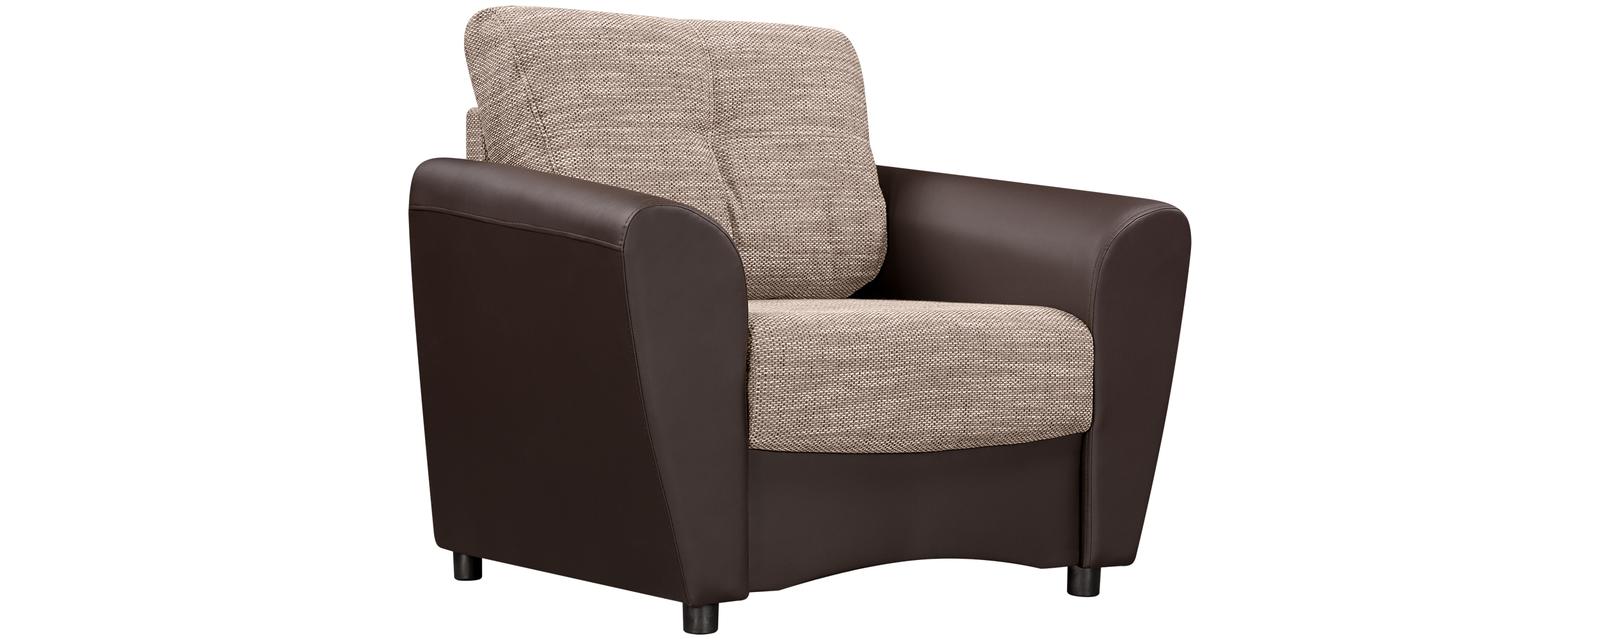 Кресло тканевое Амстердам Sola коричневый (Ткань + Экокожа)